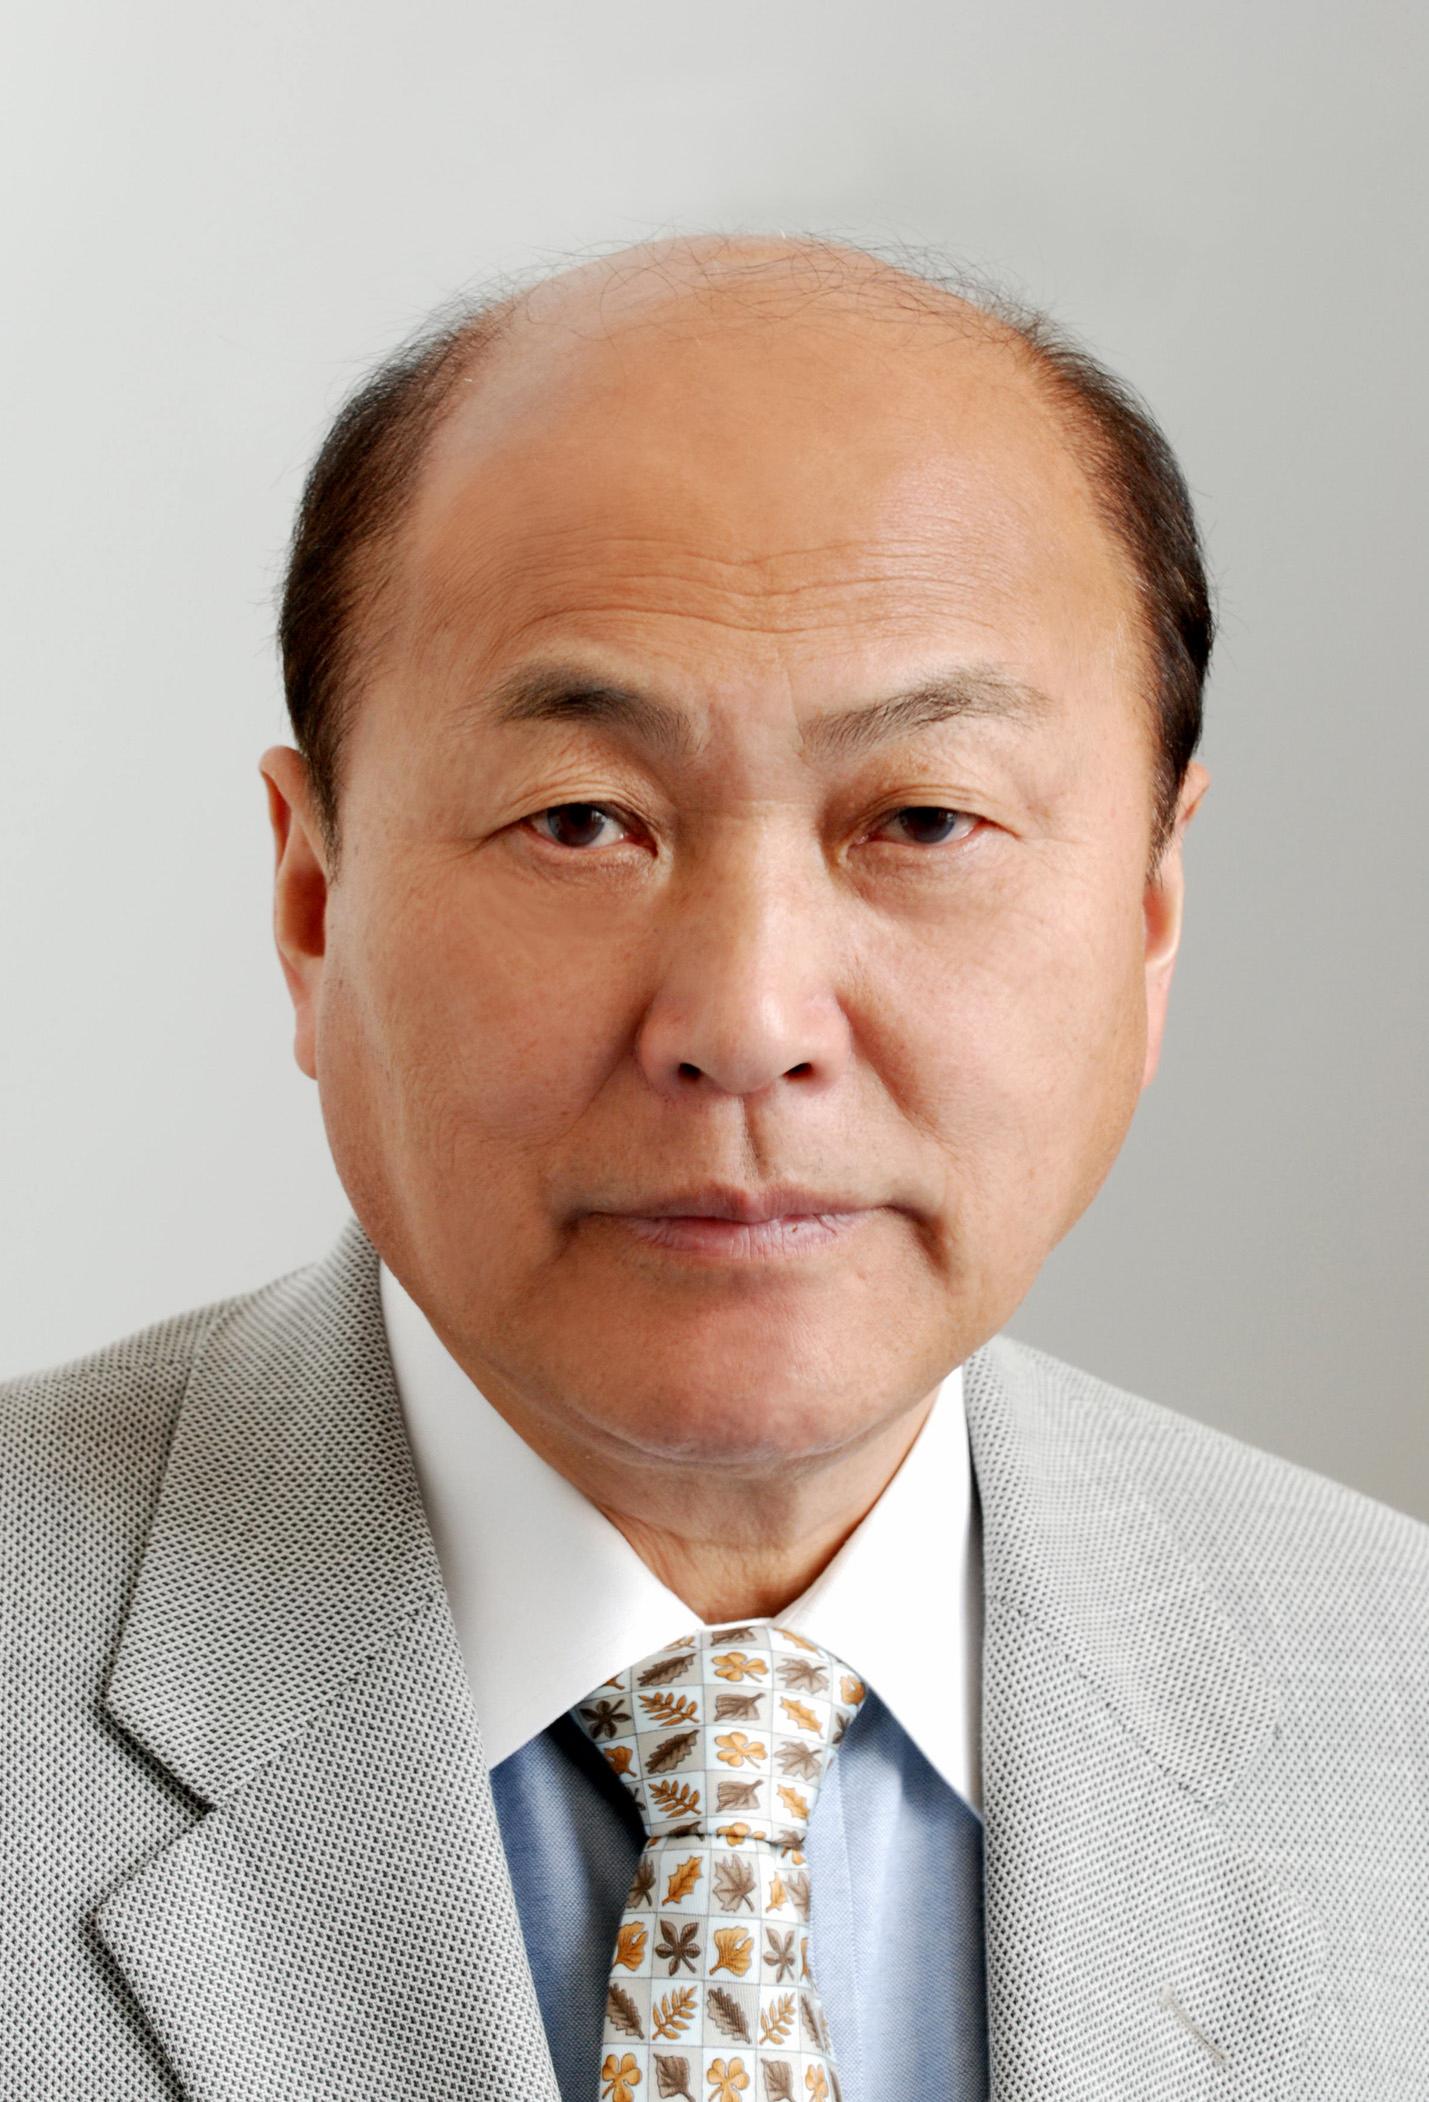 Senei Ikenobo